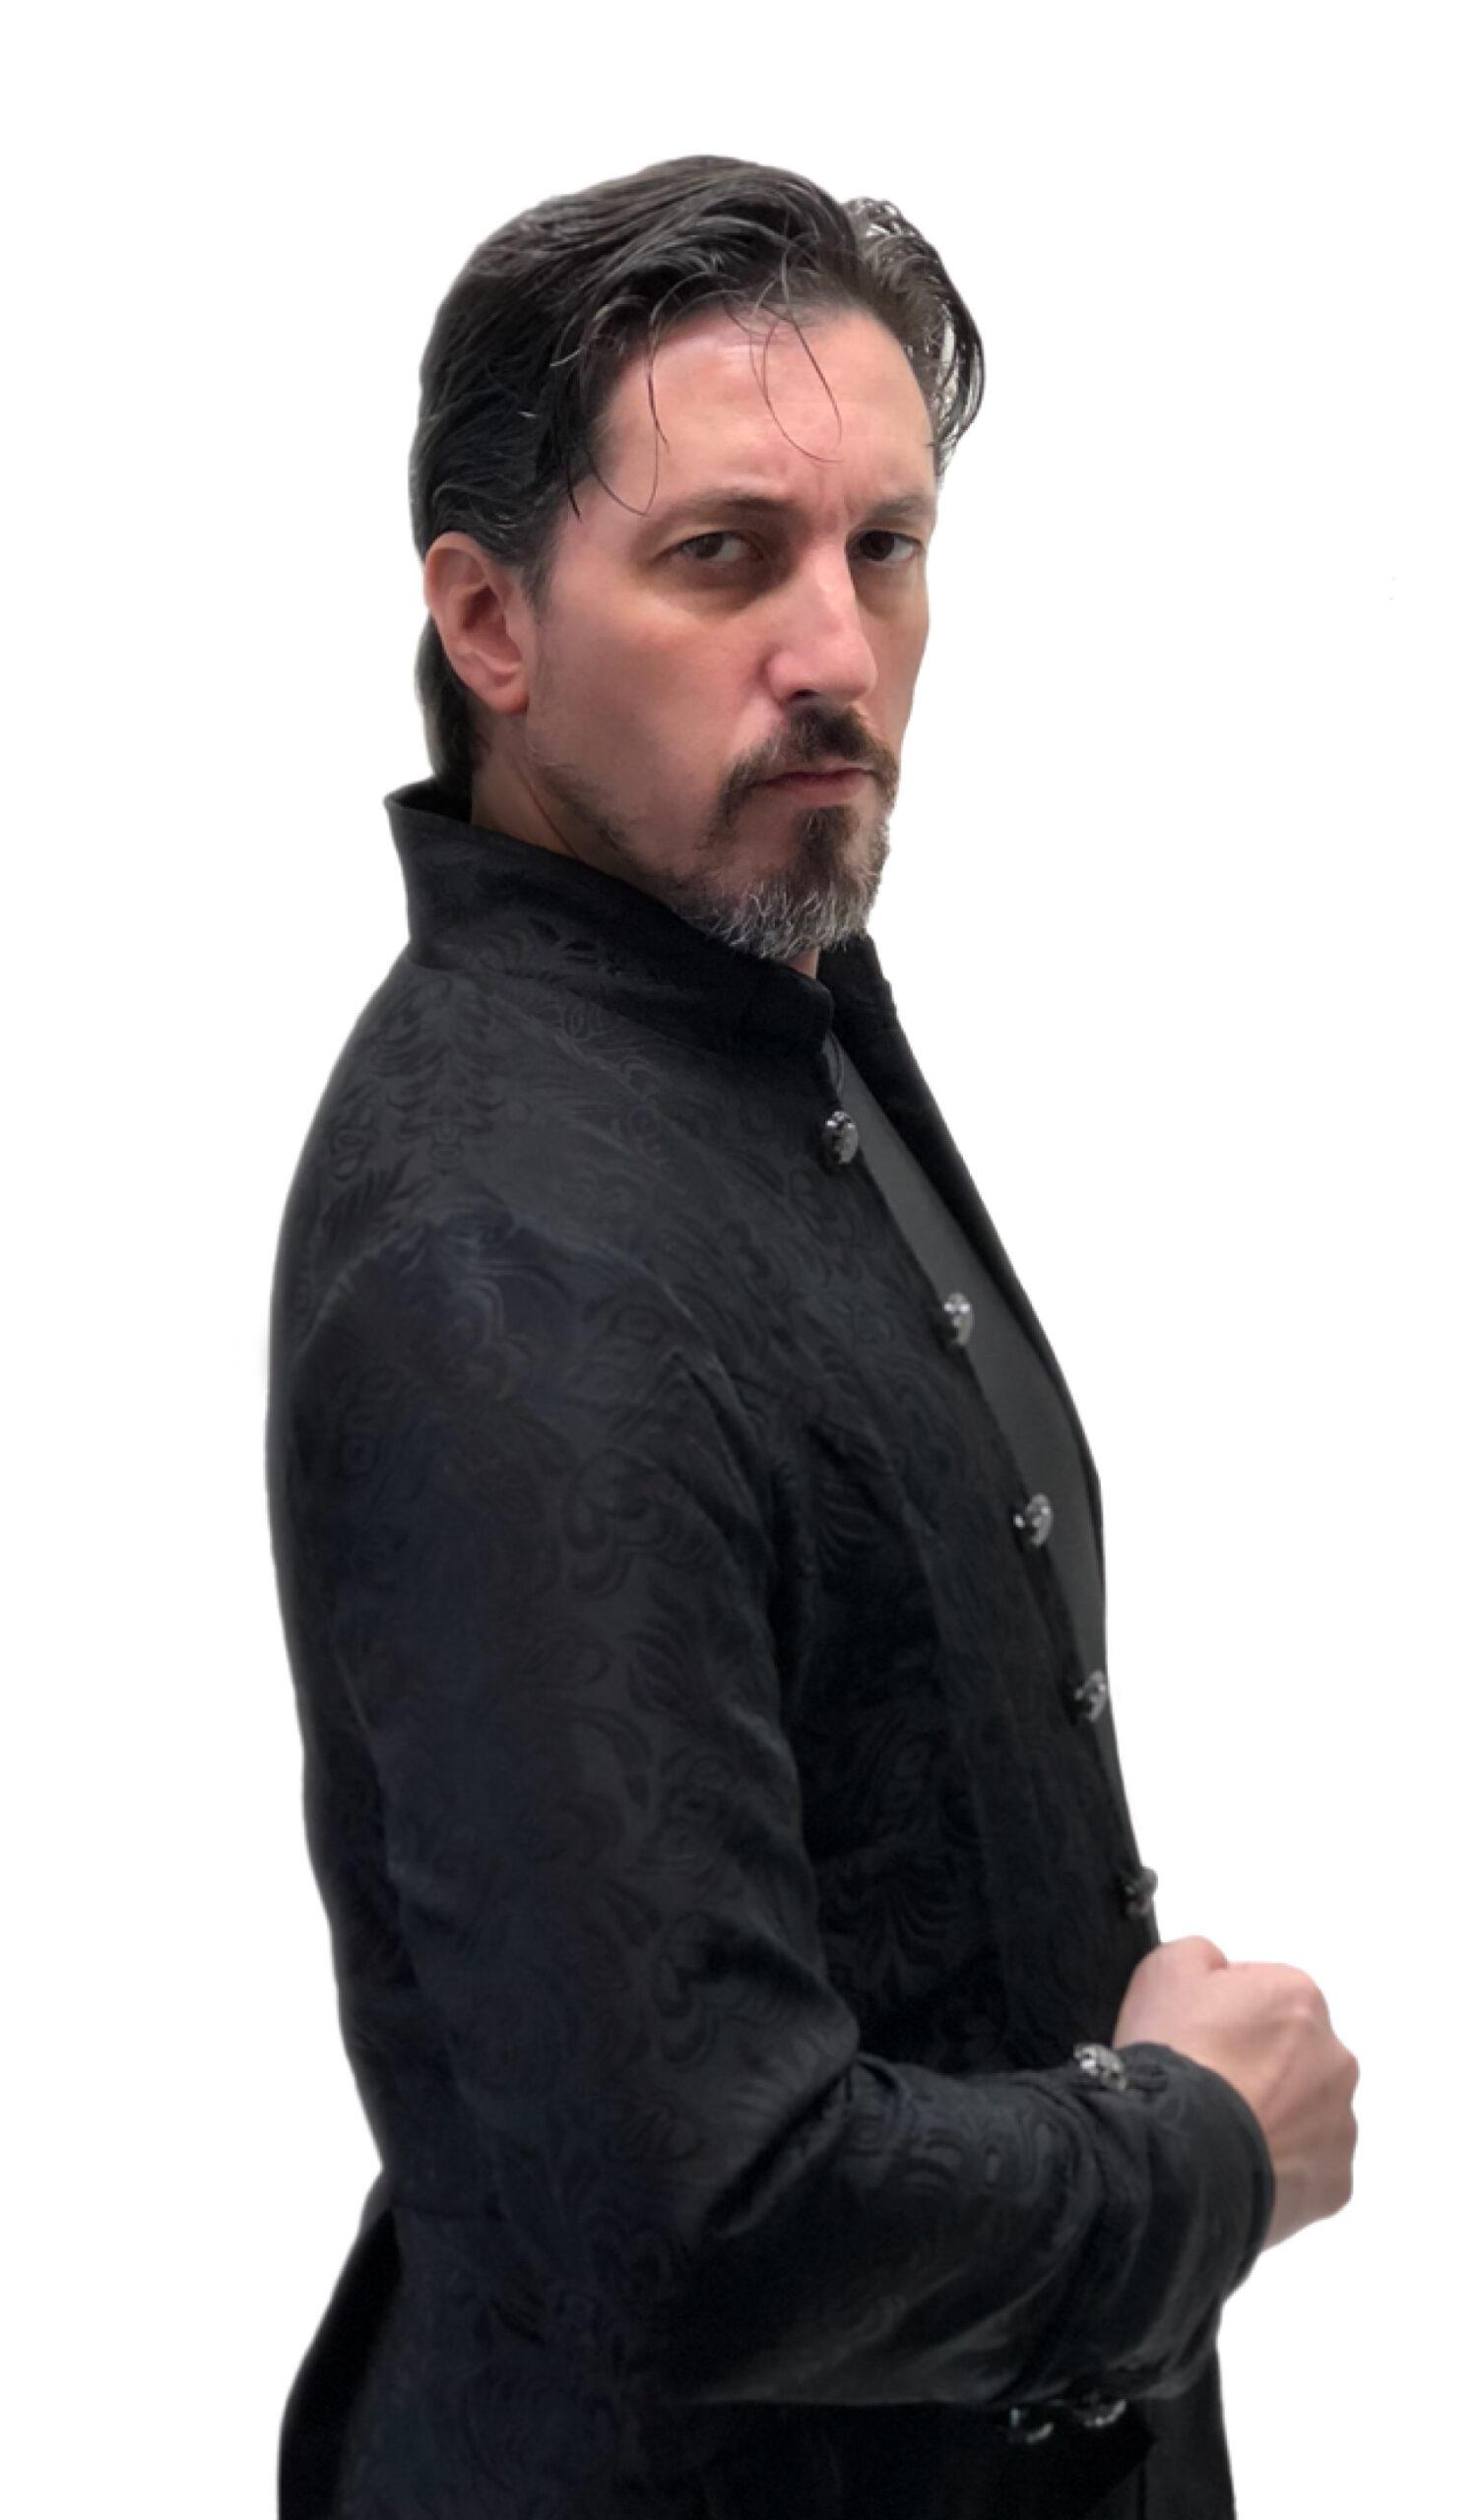 Keoki Trask - Actor